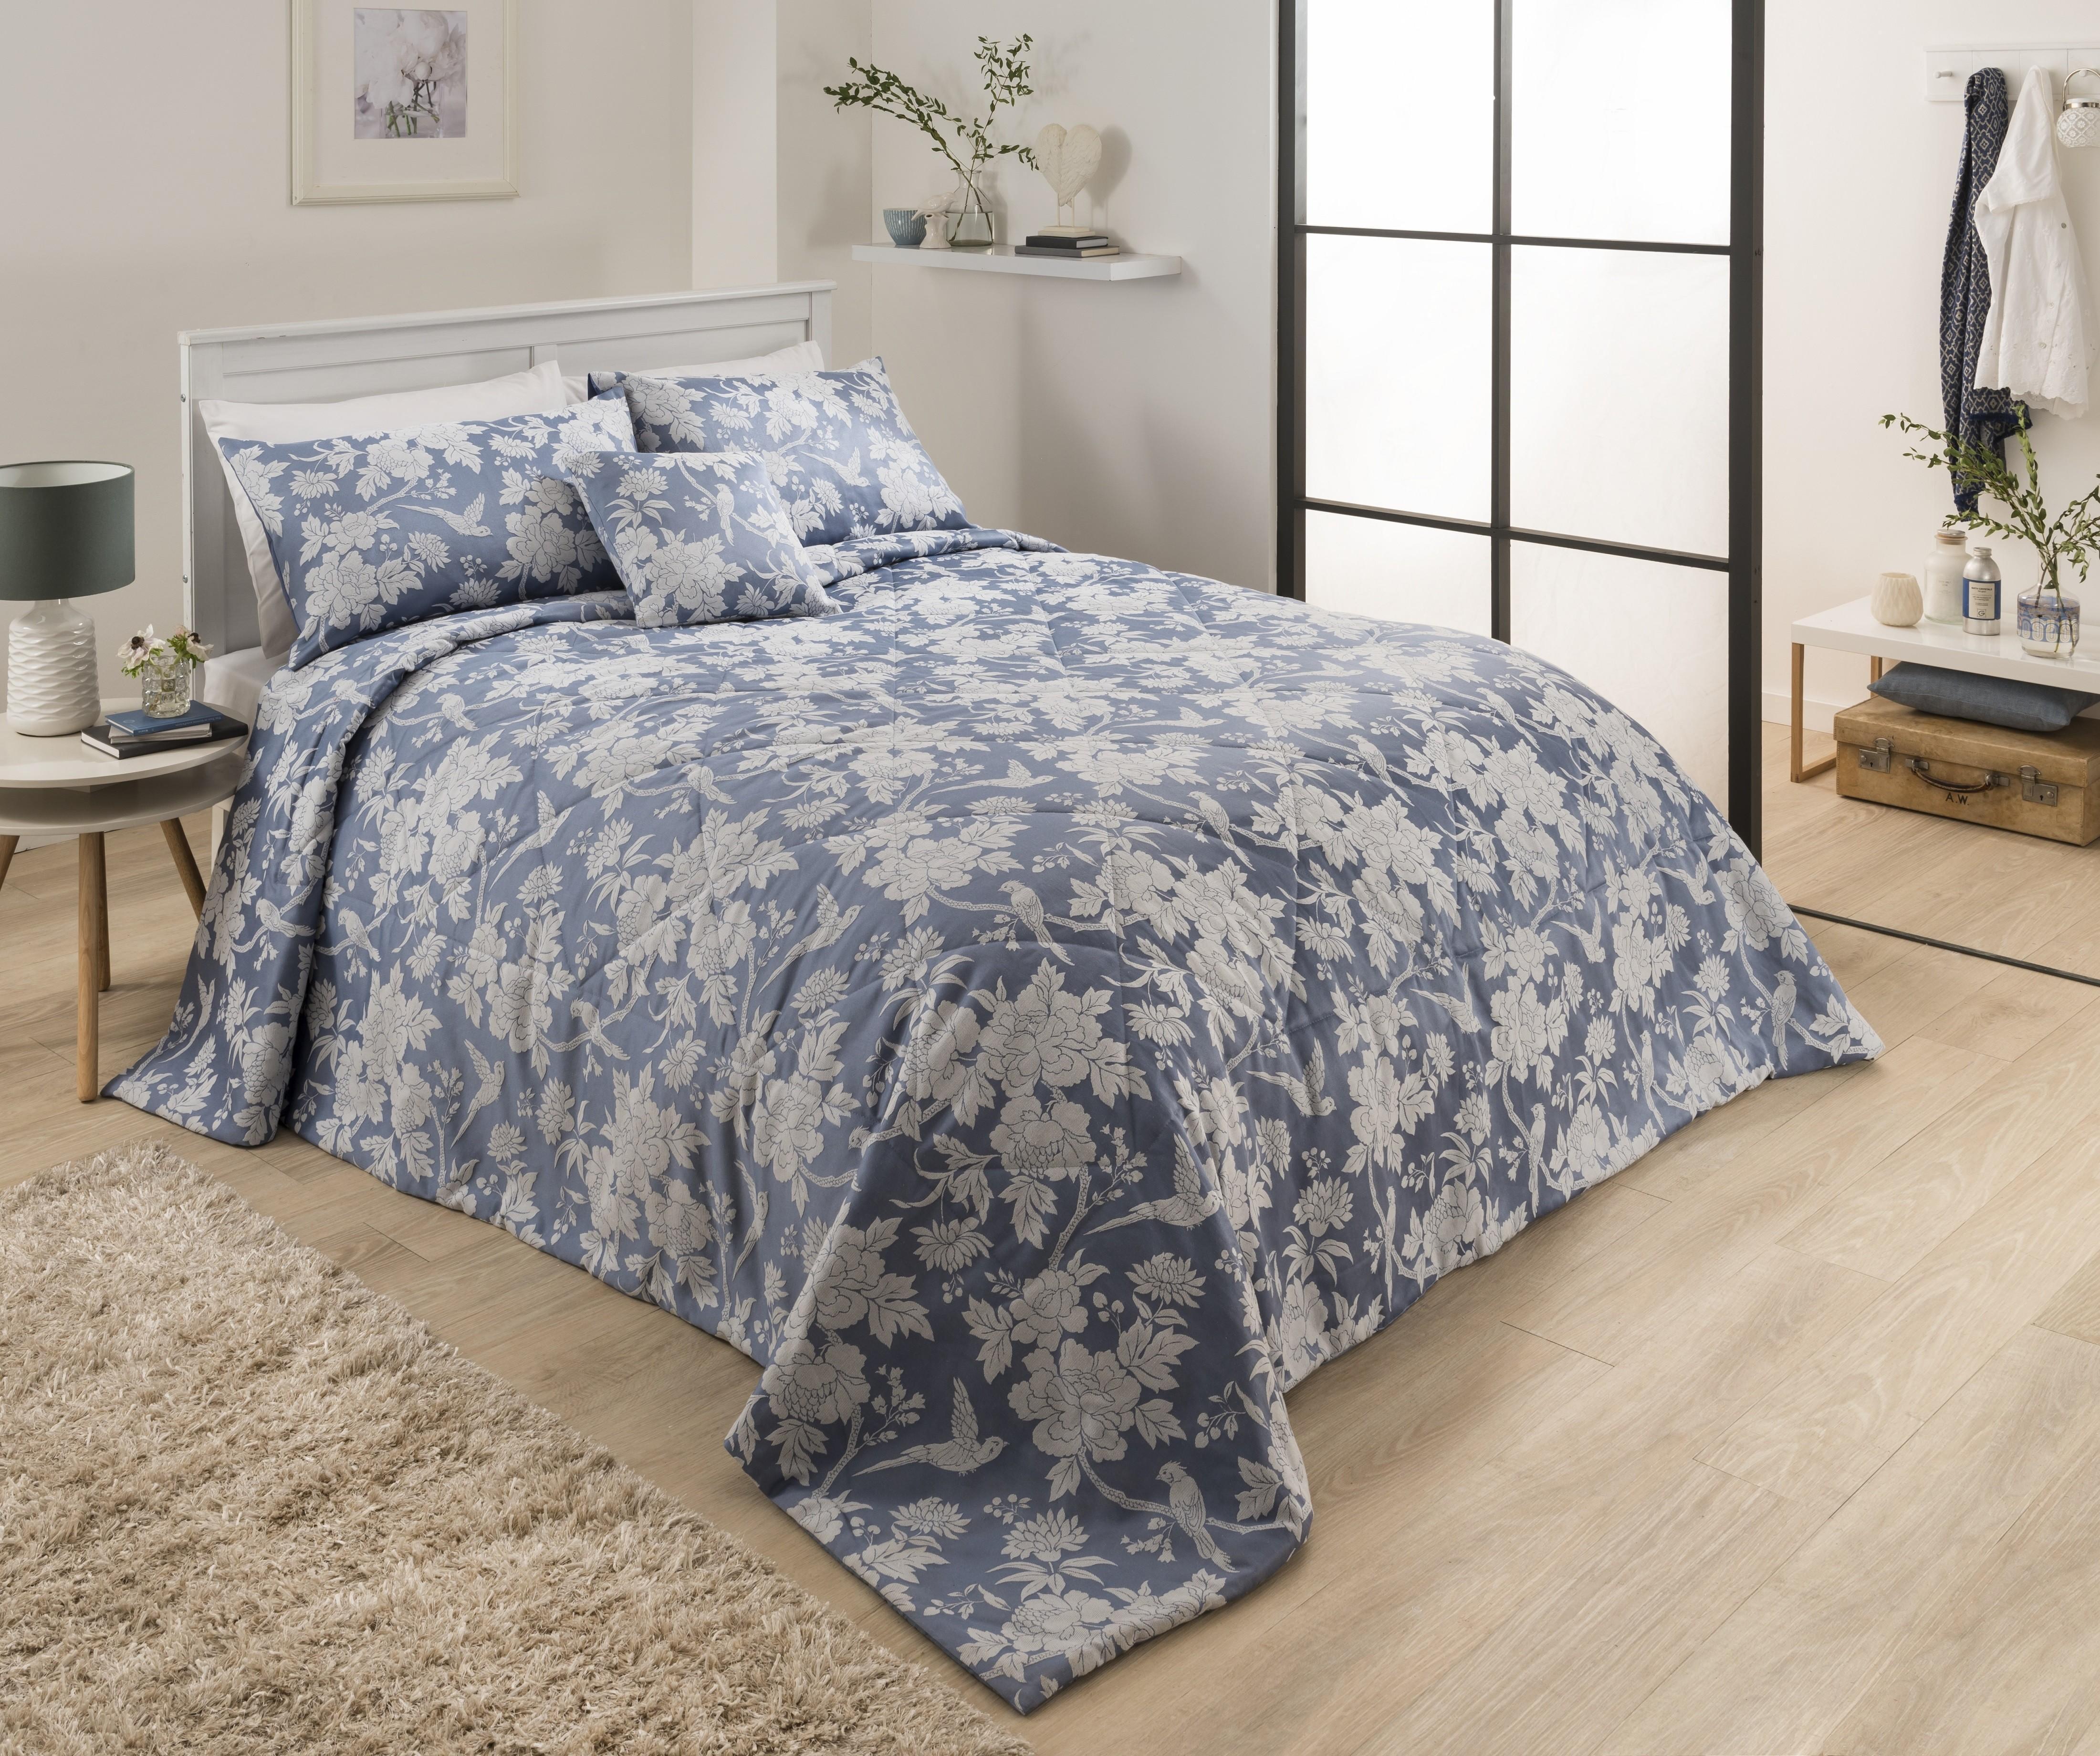 Swift Jacquard Bedspread Blue   Ponden Homes